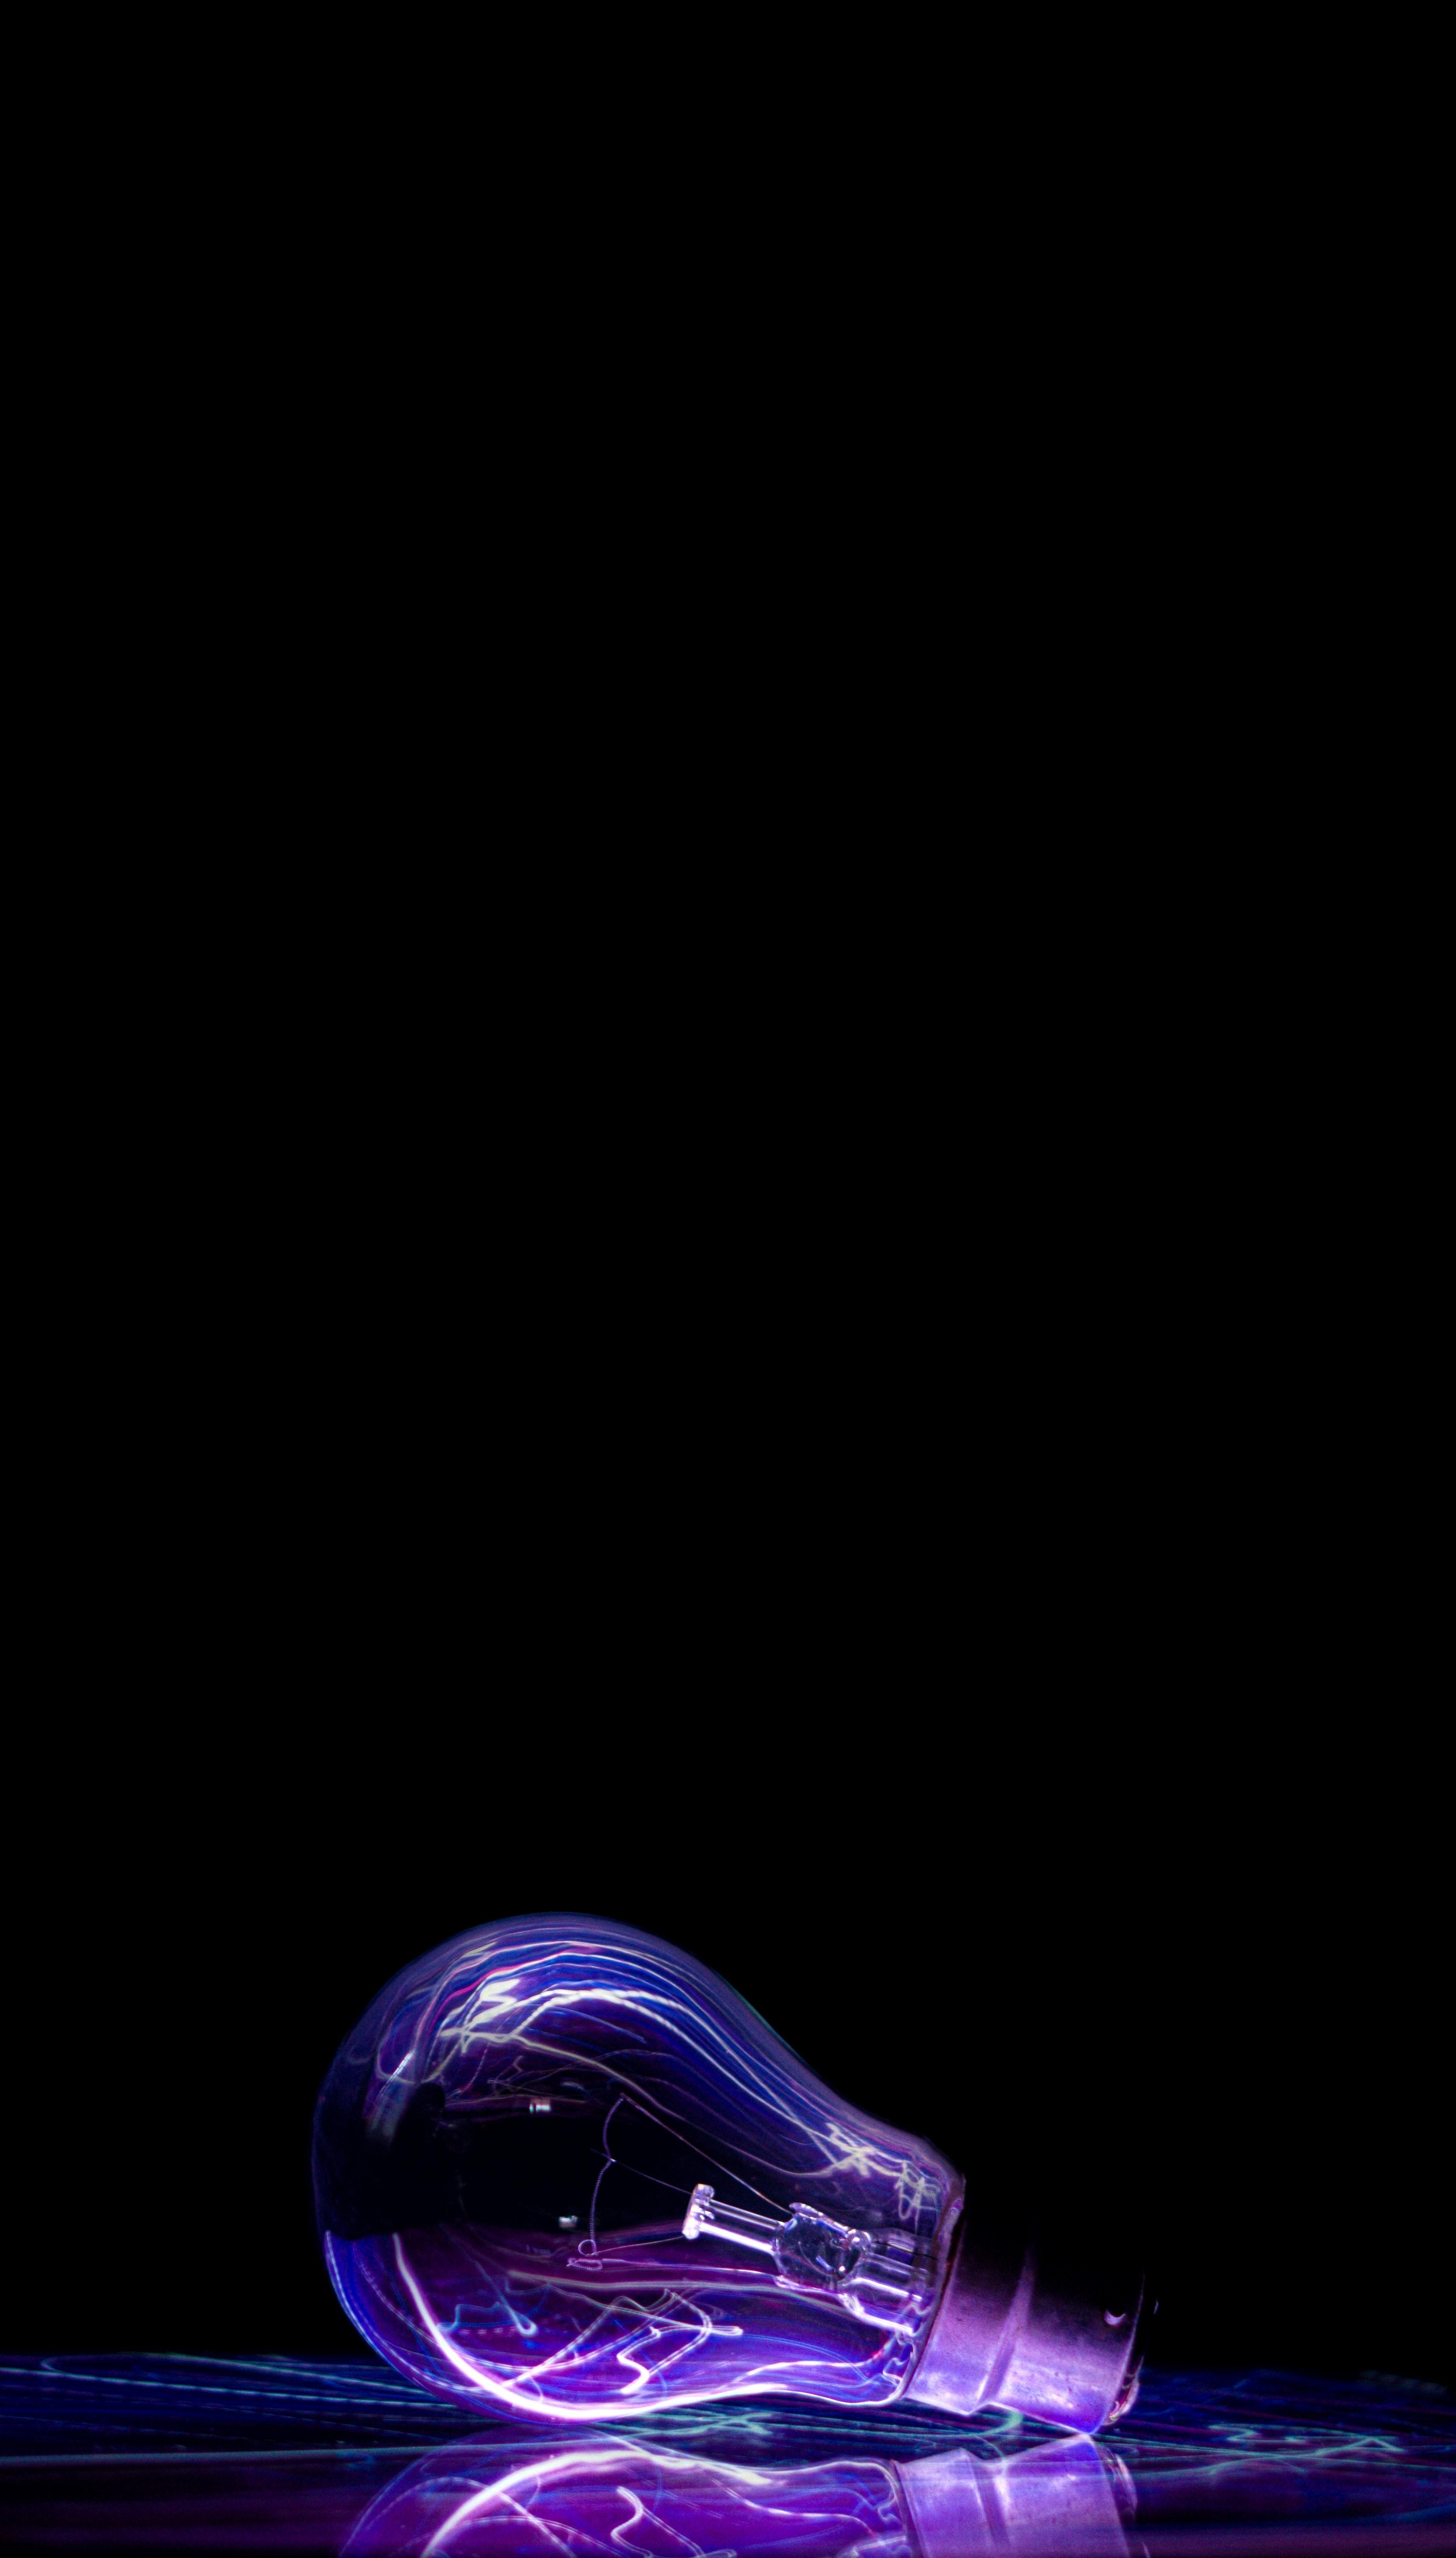 113348 économiseurs d'écran et fonds d'écran Sombre sur votre téléphone. Téléchargez Sombre, Foudre, Réflexion, Briller, Lampe, Lueur, Éclair images gratuitement